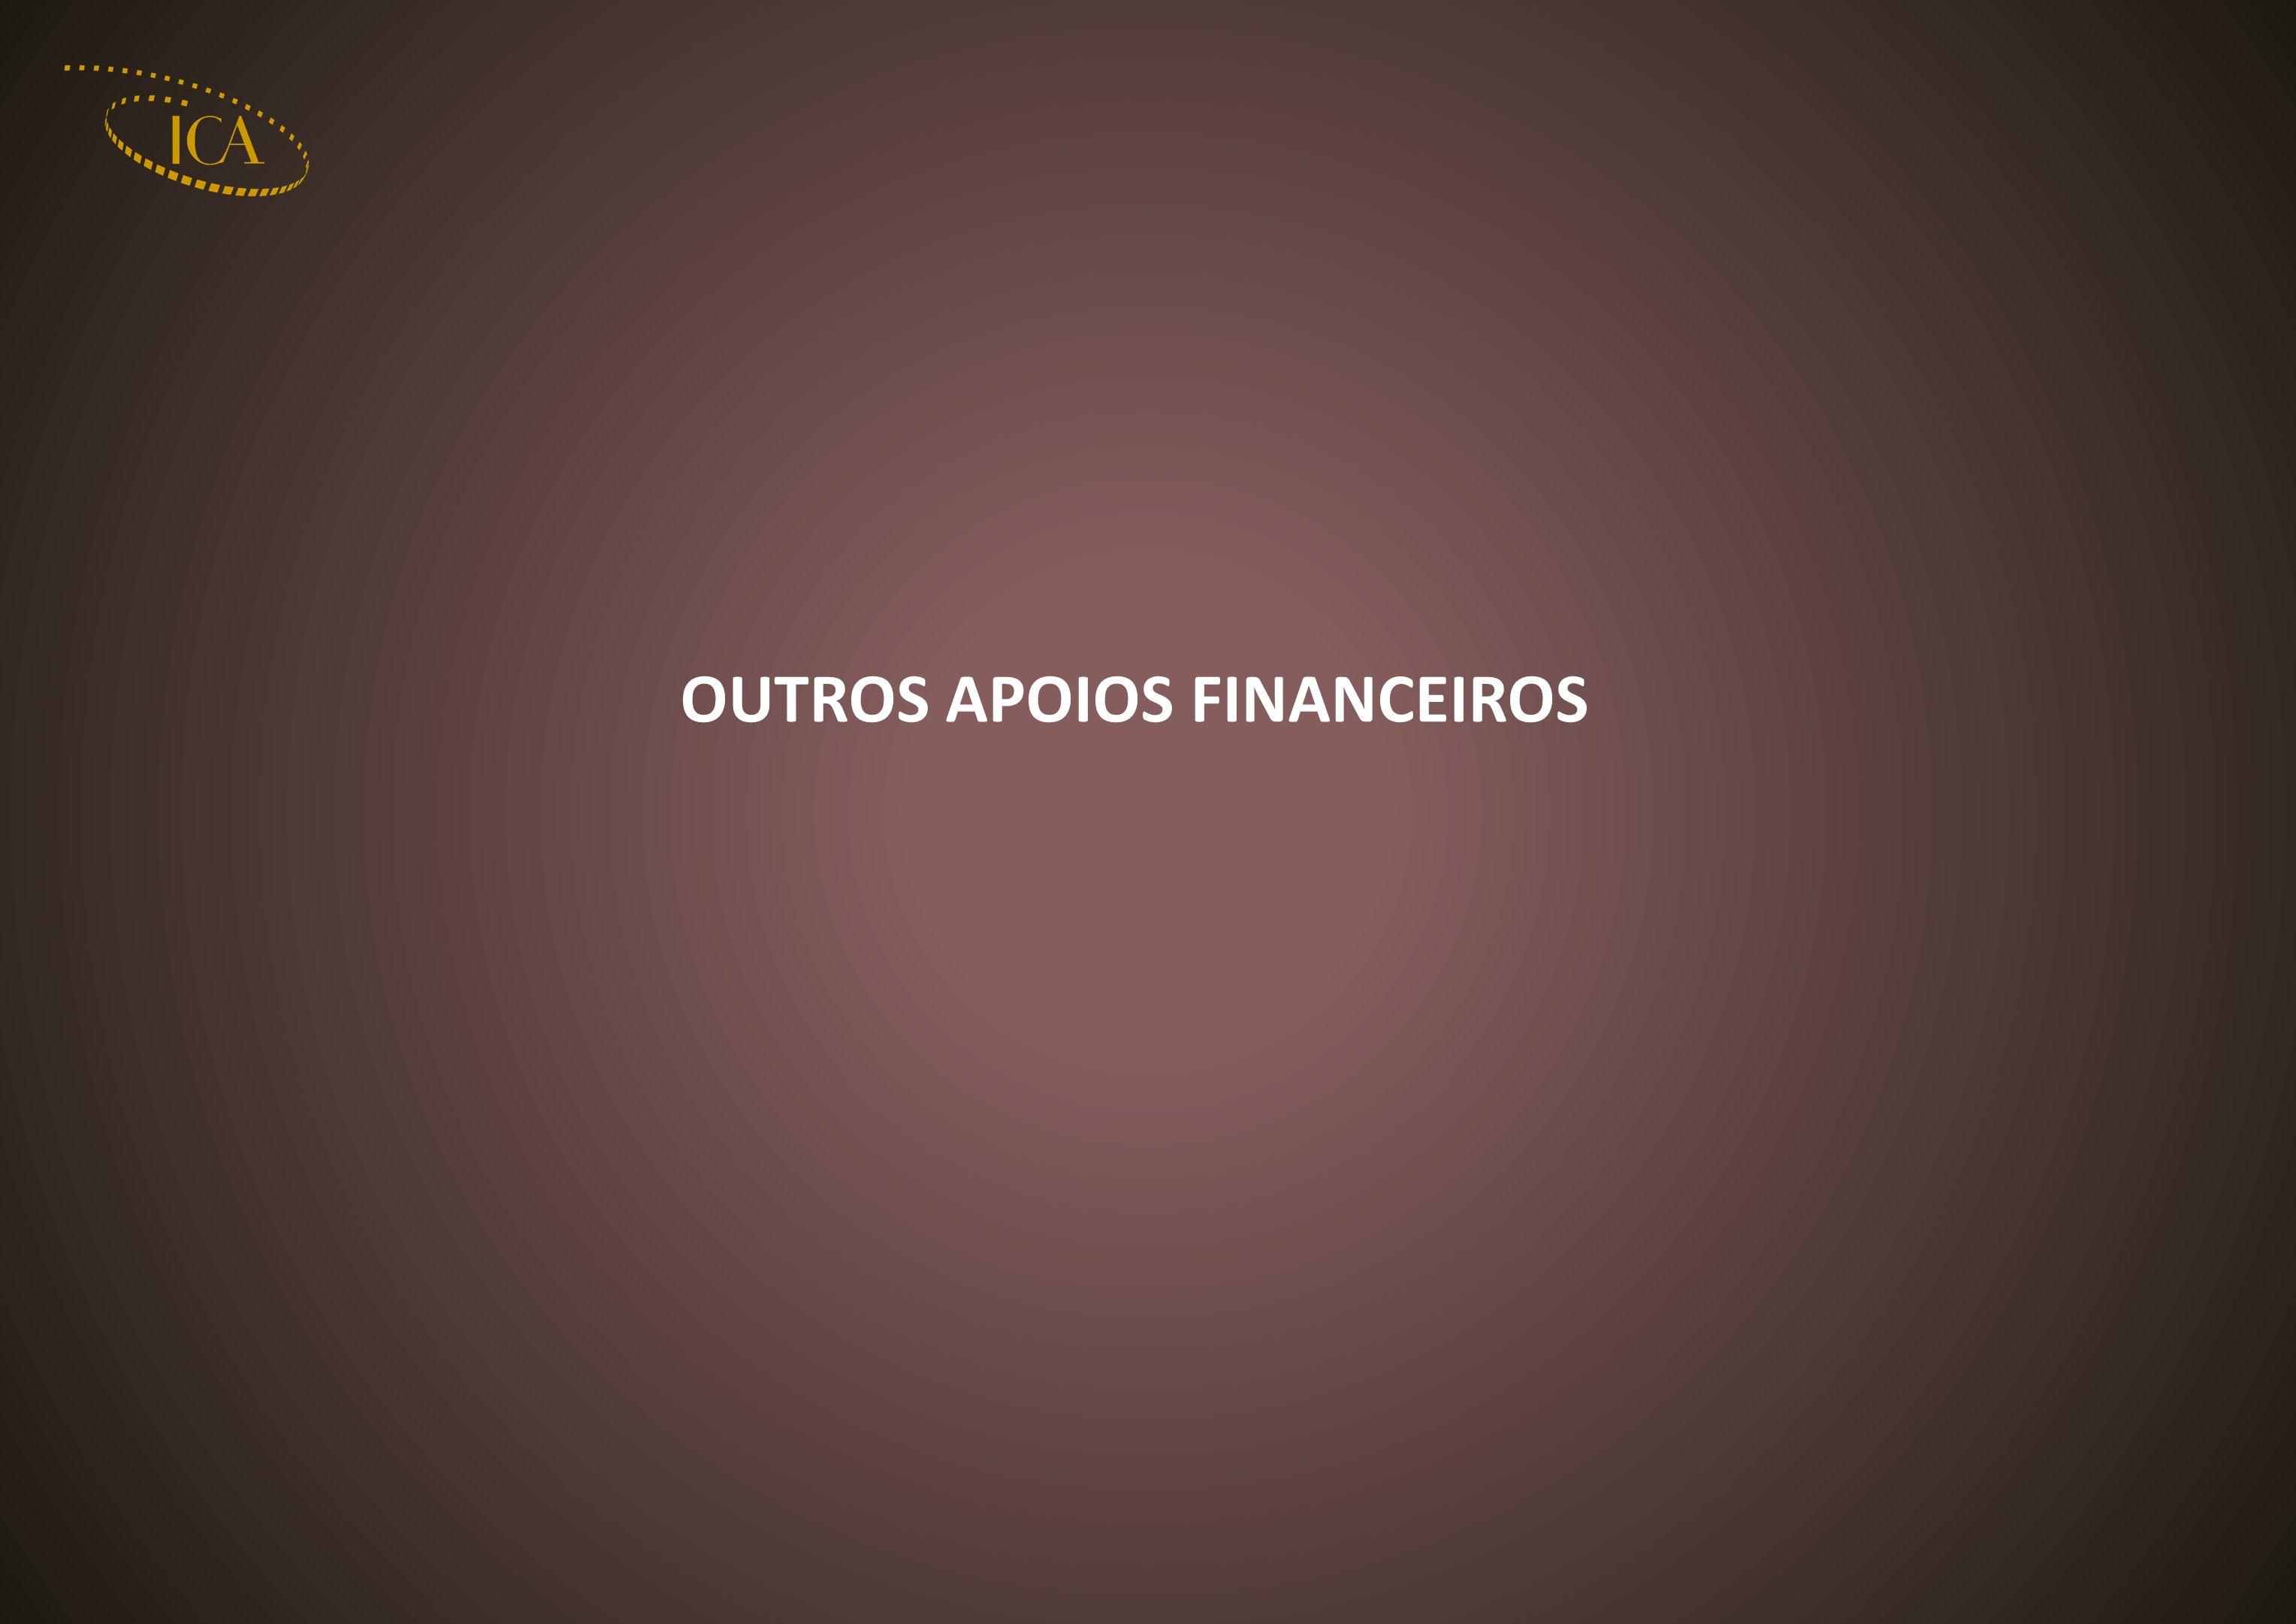 OUTROS APOIOS FINANCEIROS